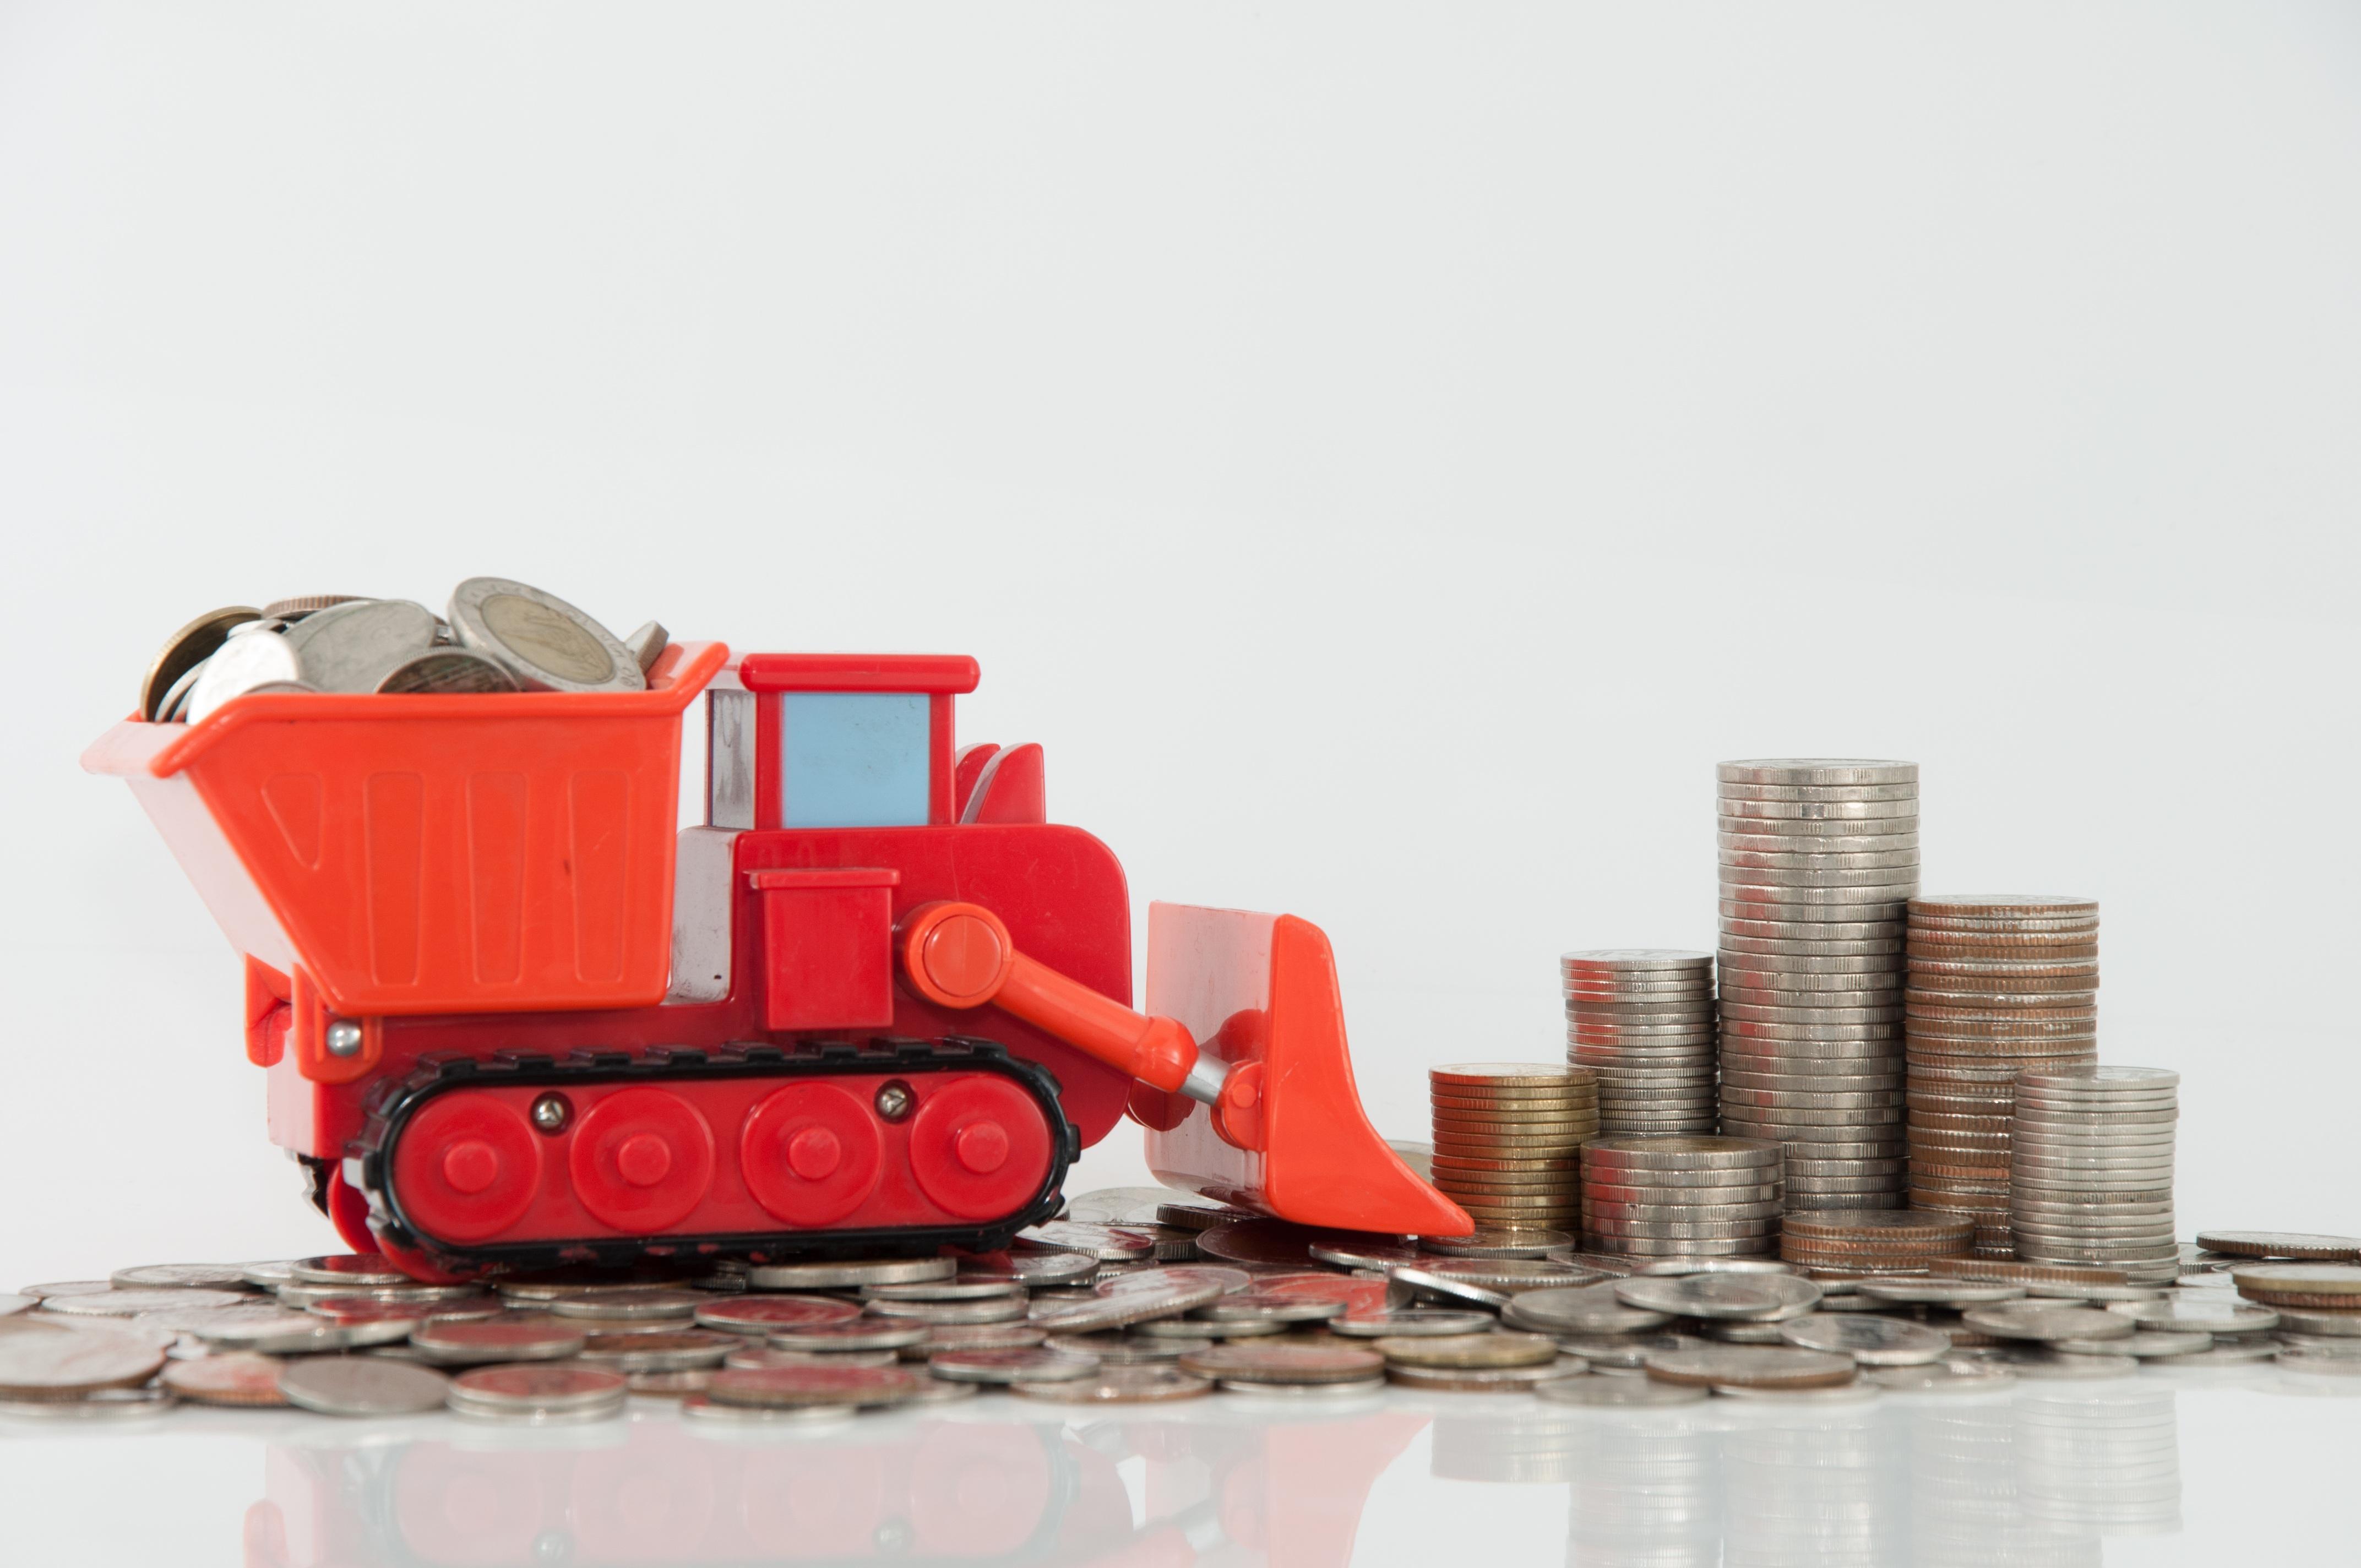 บัญชีเงินฝากประเภทฝากประจำ-เงินฝากSCB-imoney